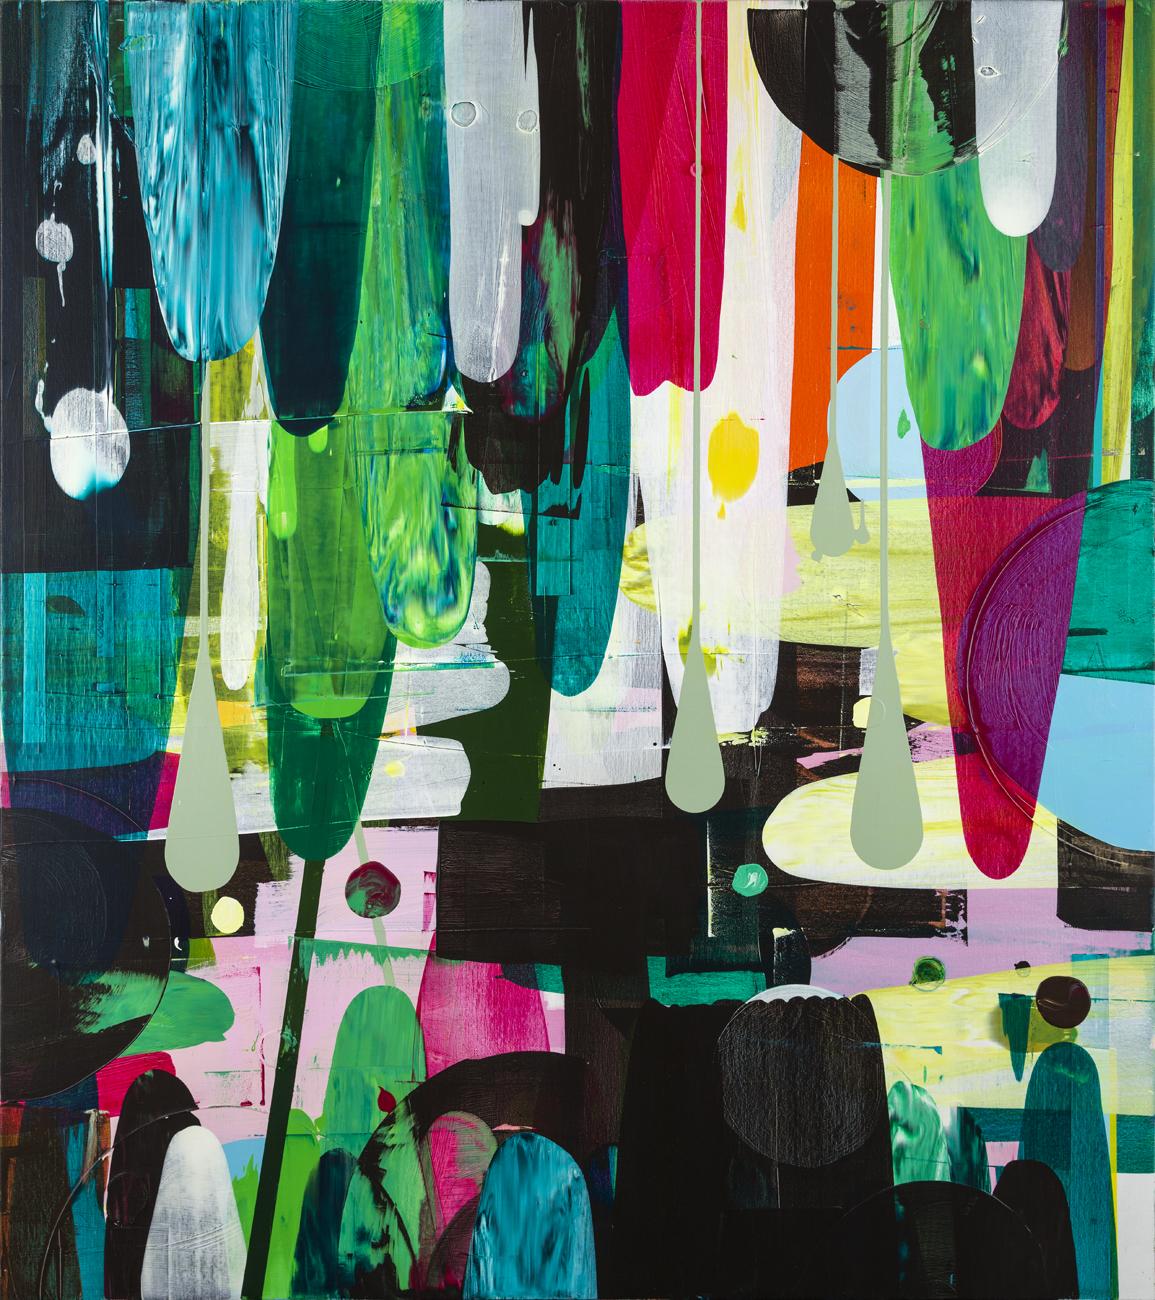 Astrid Sylwan  Something Dark  2009 Oil on canvas 180 x 160 cm